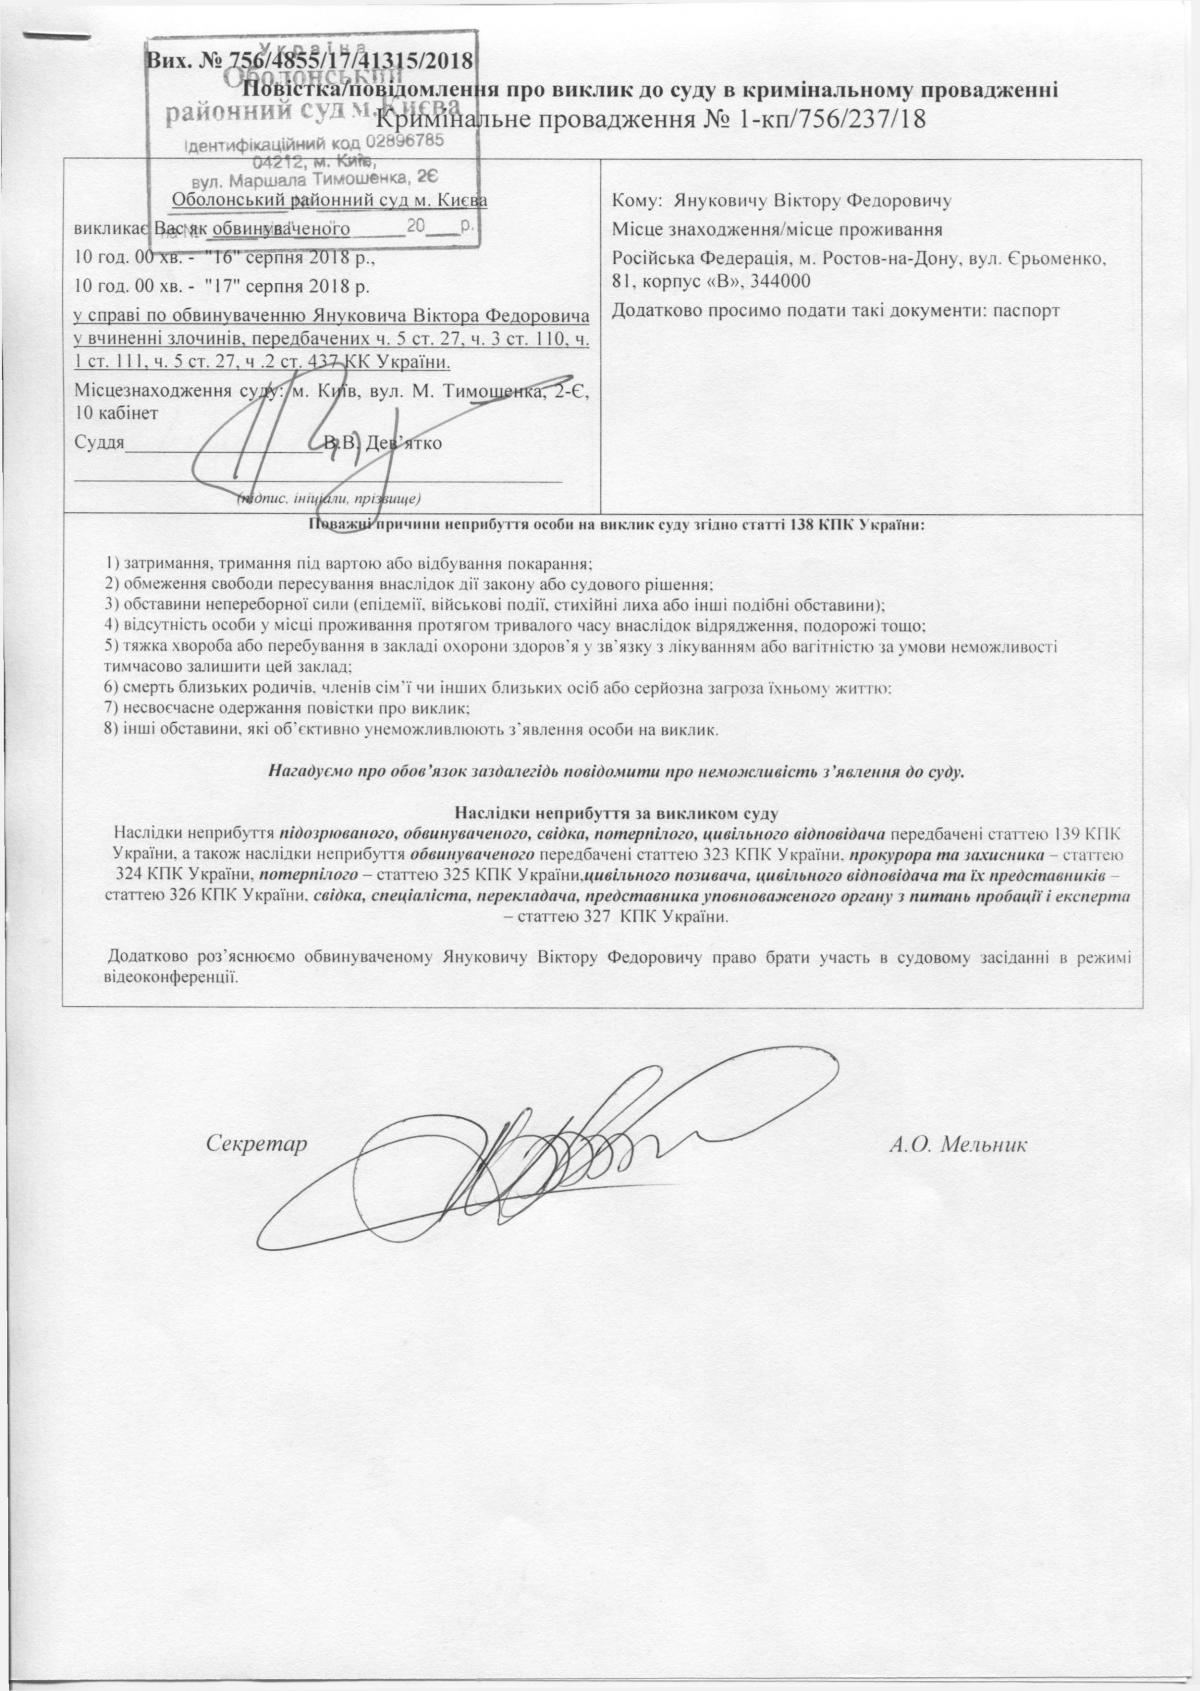 Повістка про виклик до суду Віктора Януковича / ob.ki.court.gov.ua